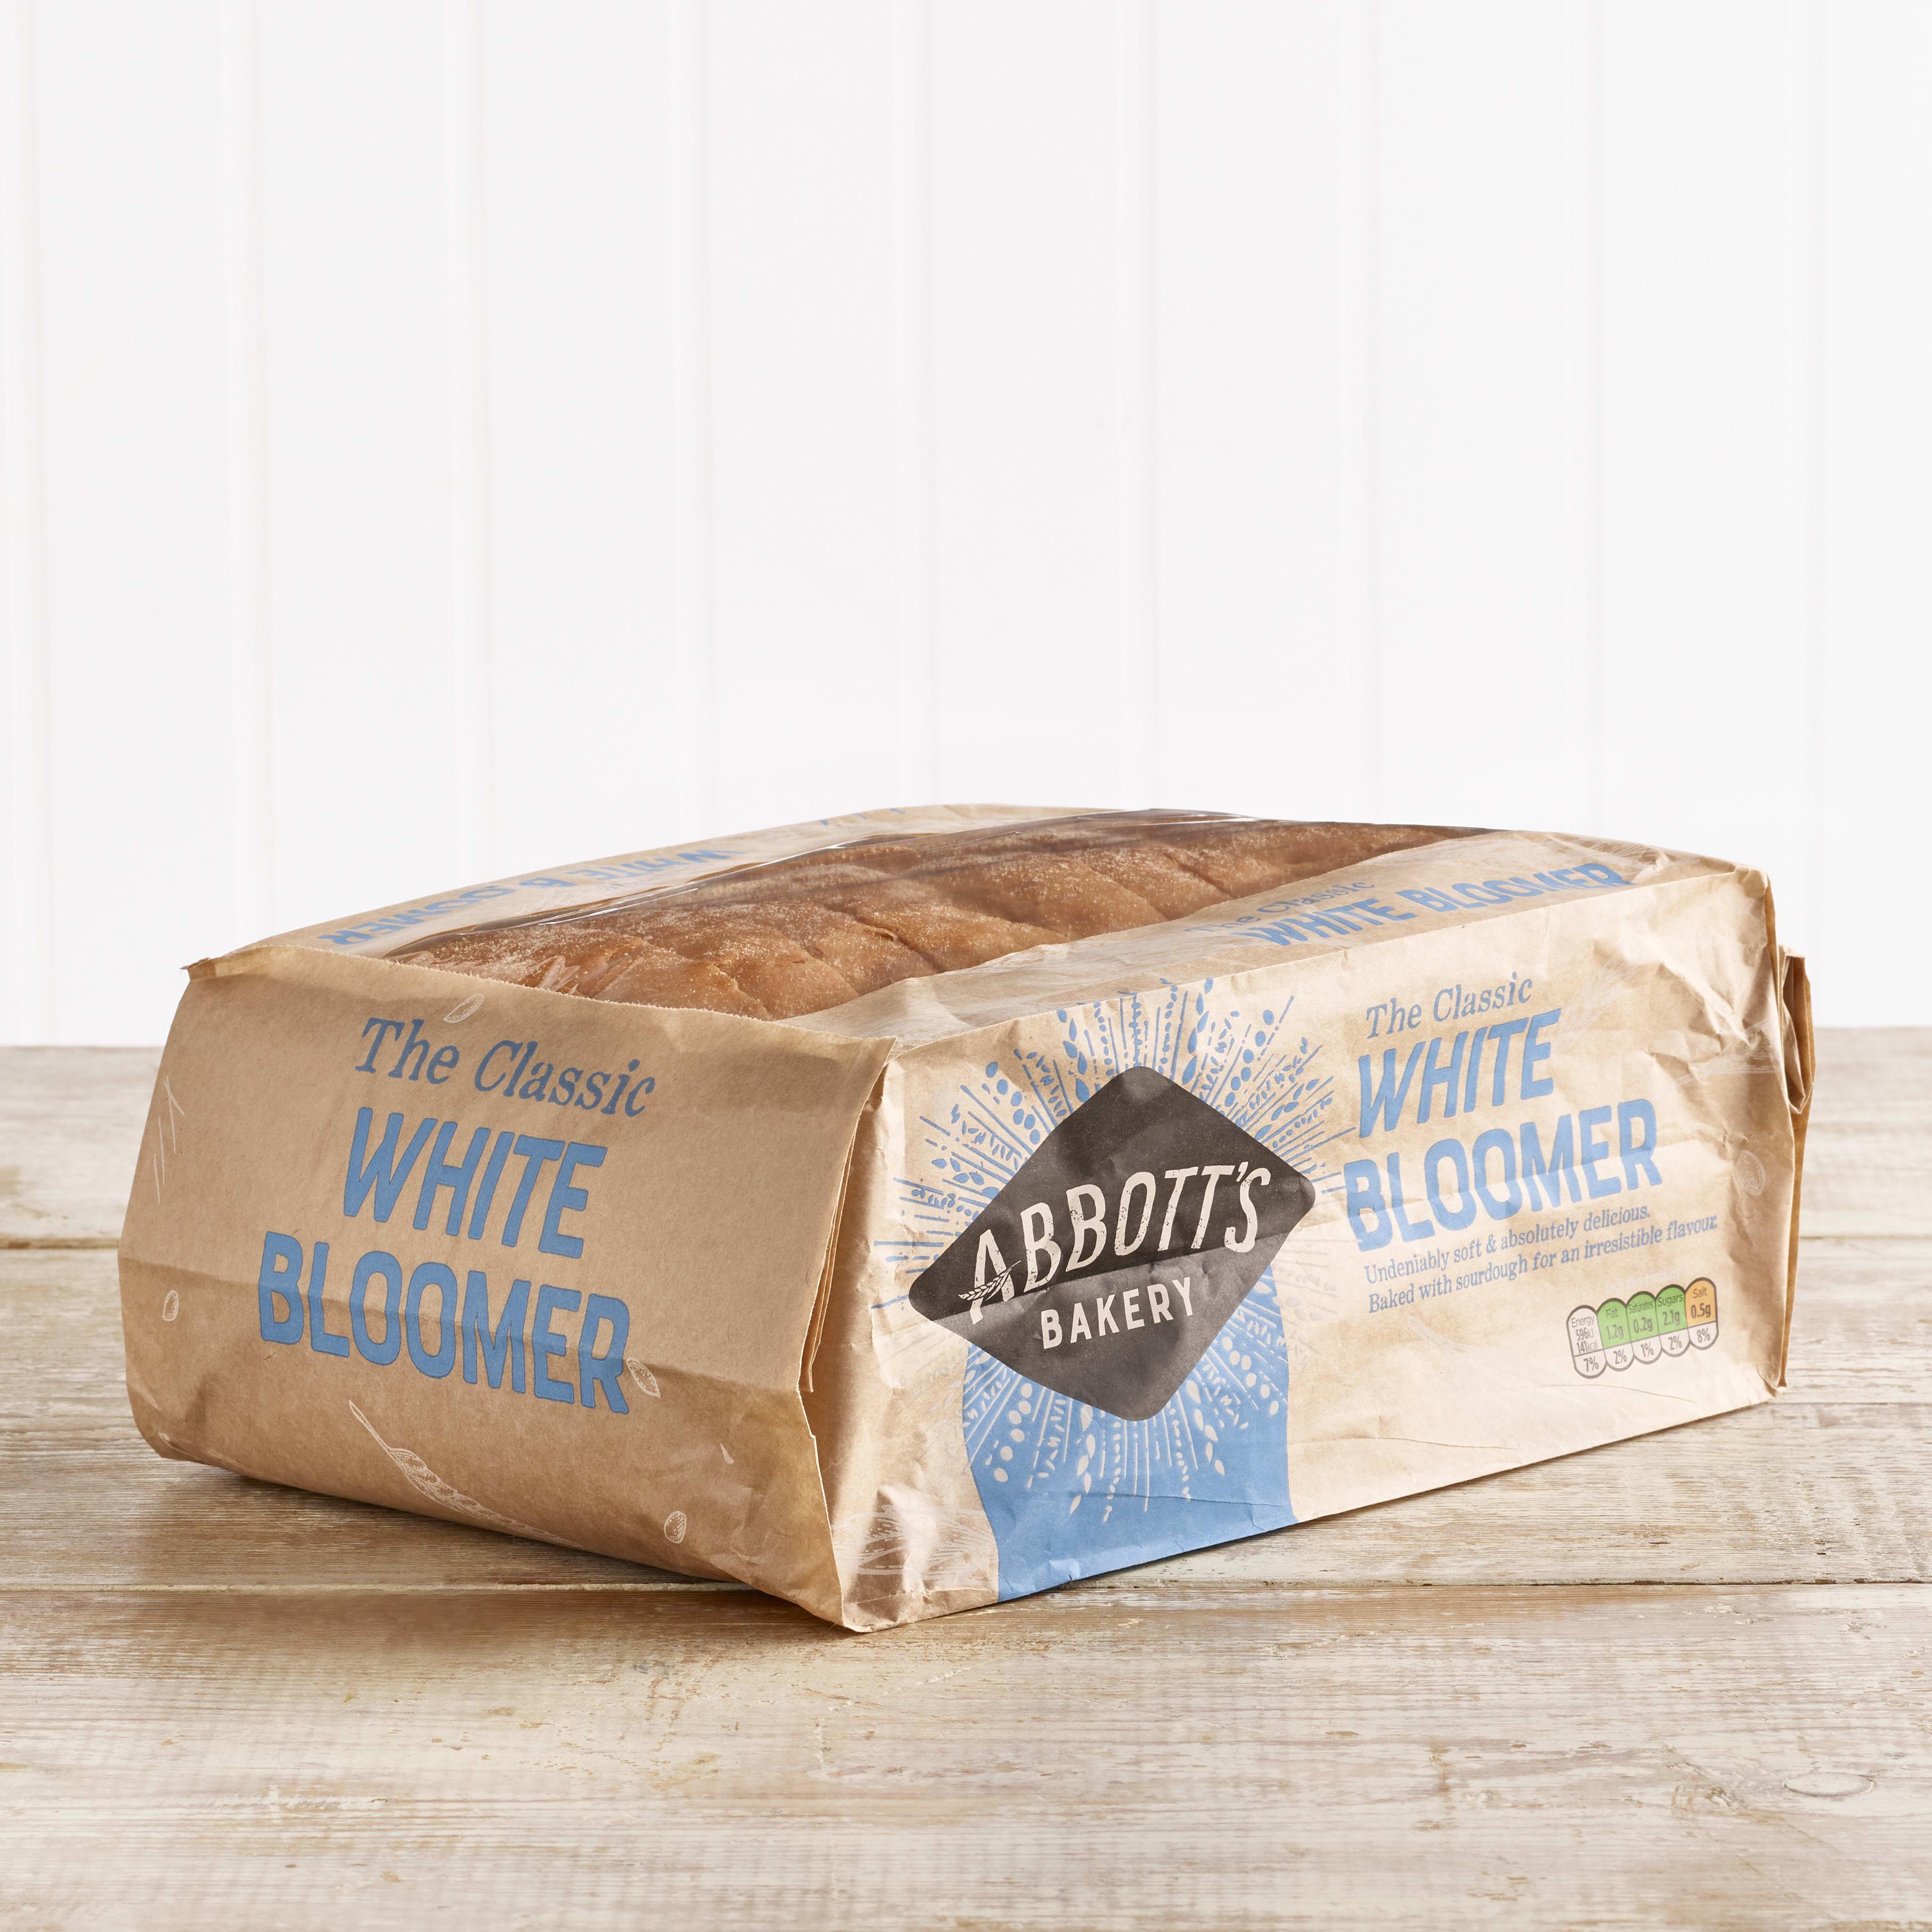 Abbott's Bakery White Bloomer Loaf, 800g